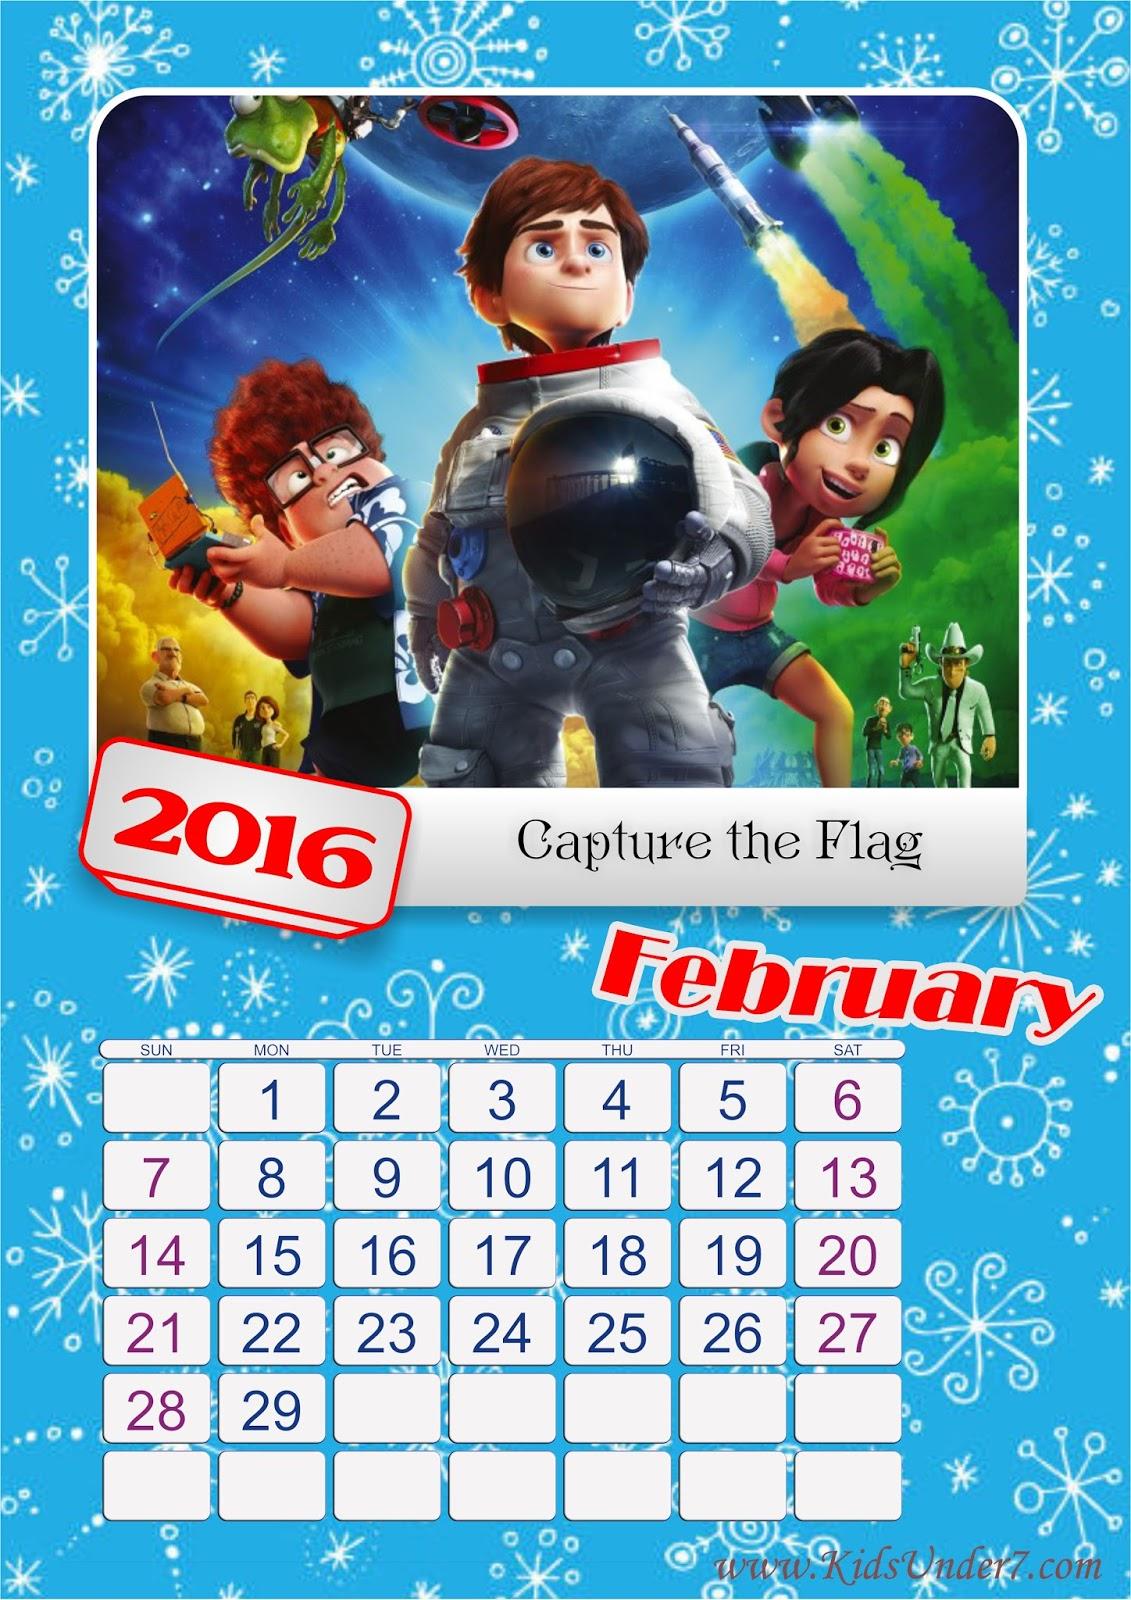 Kids Under 7 2016 Printable Calendar For Kids